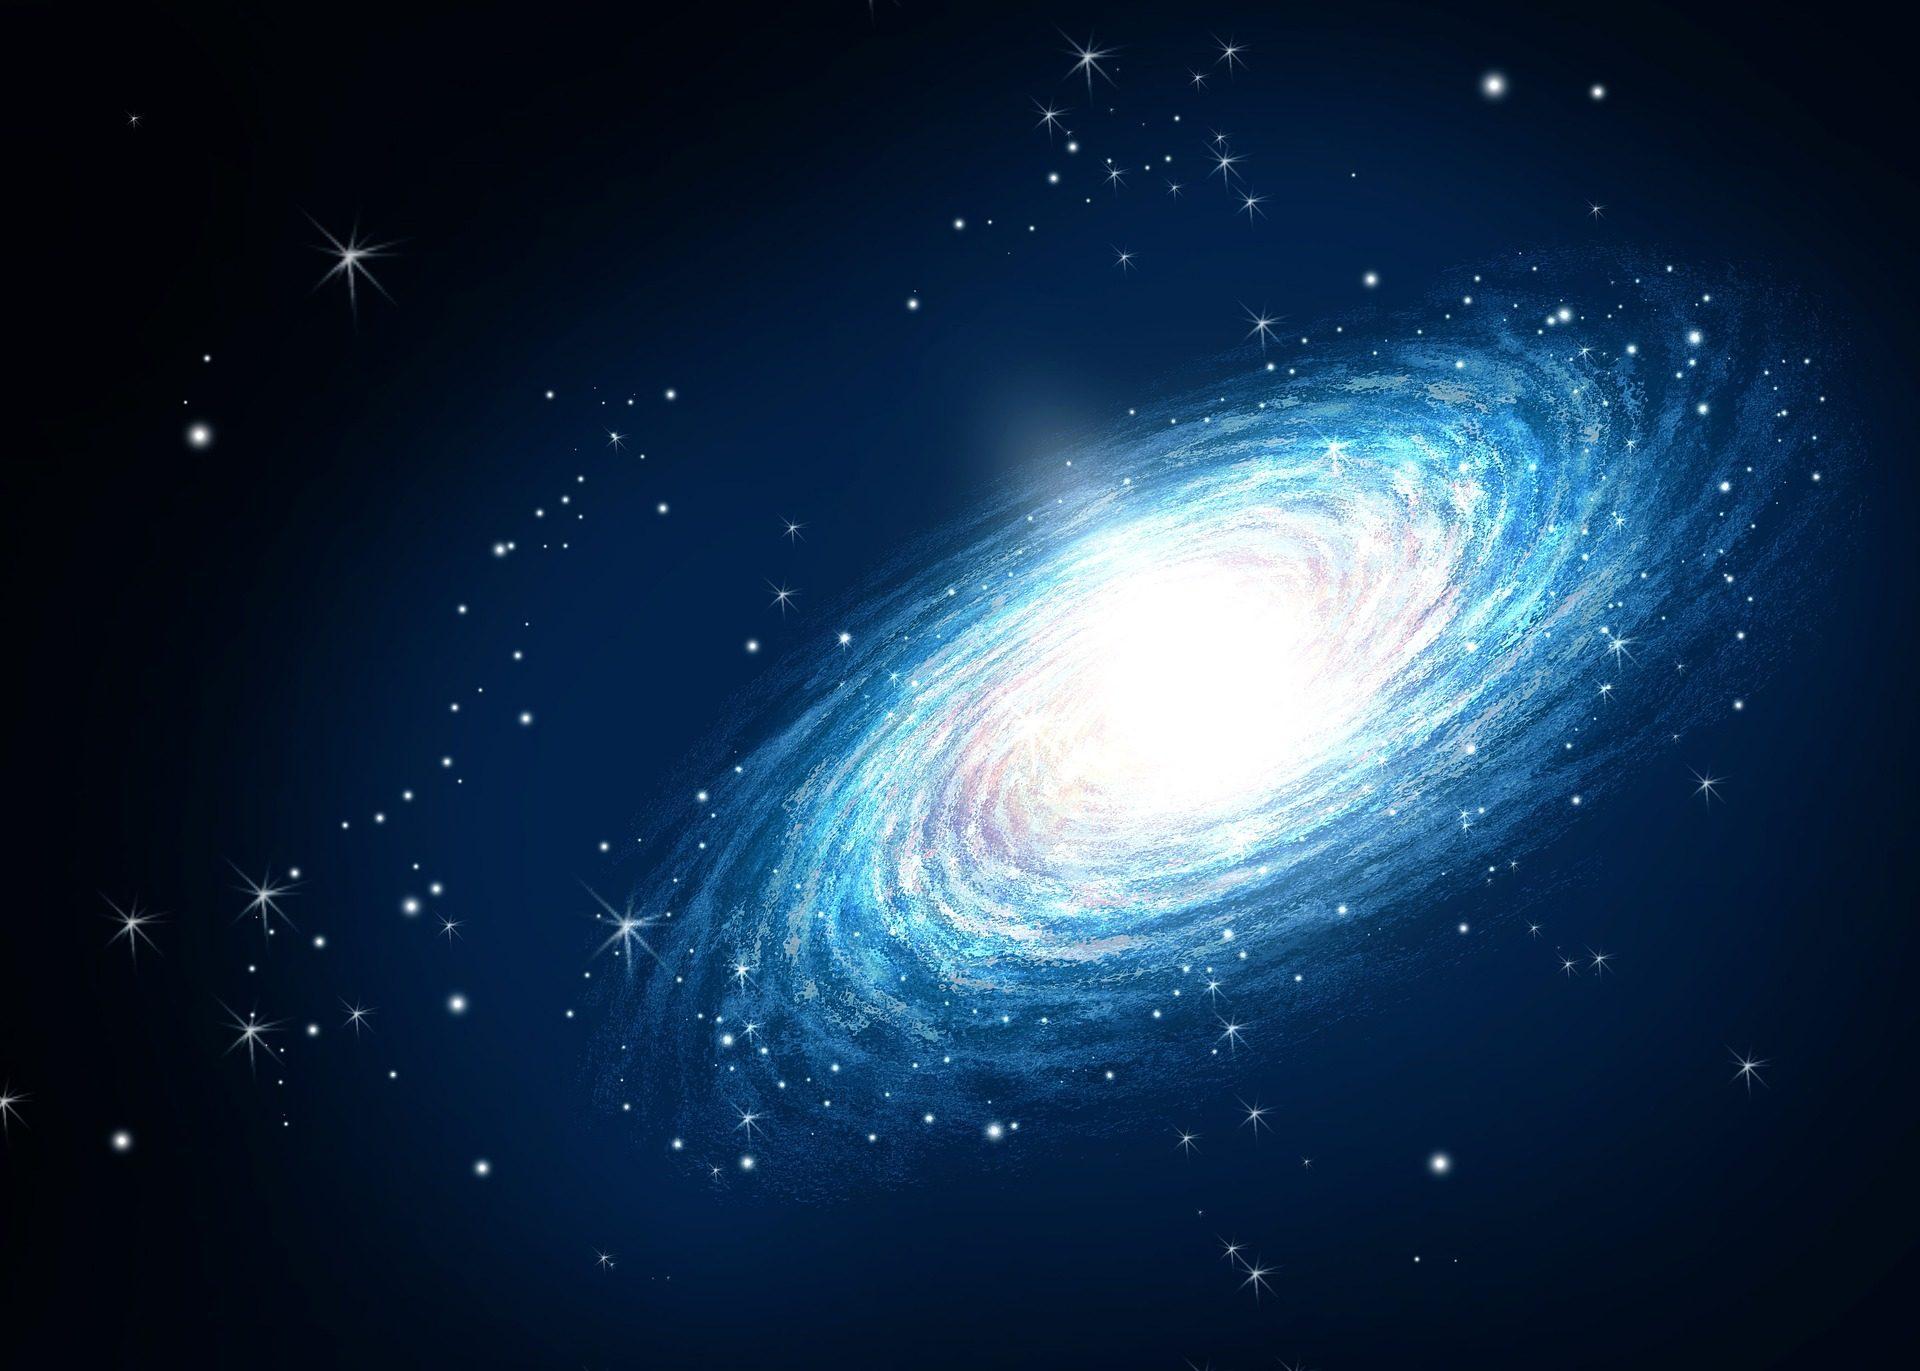 galaxia, nebulosa, espacio, estrellas, ilustración, dibujo - Fondos de Pantalla HD - professor-falken.com